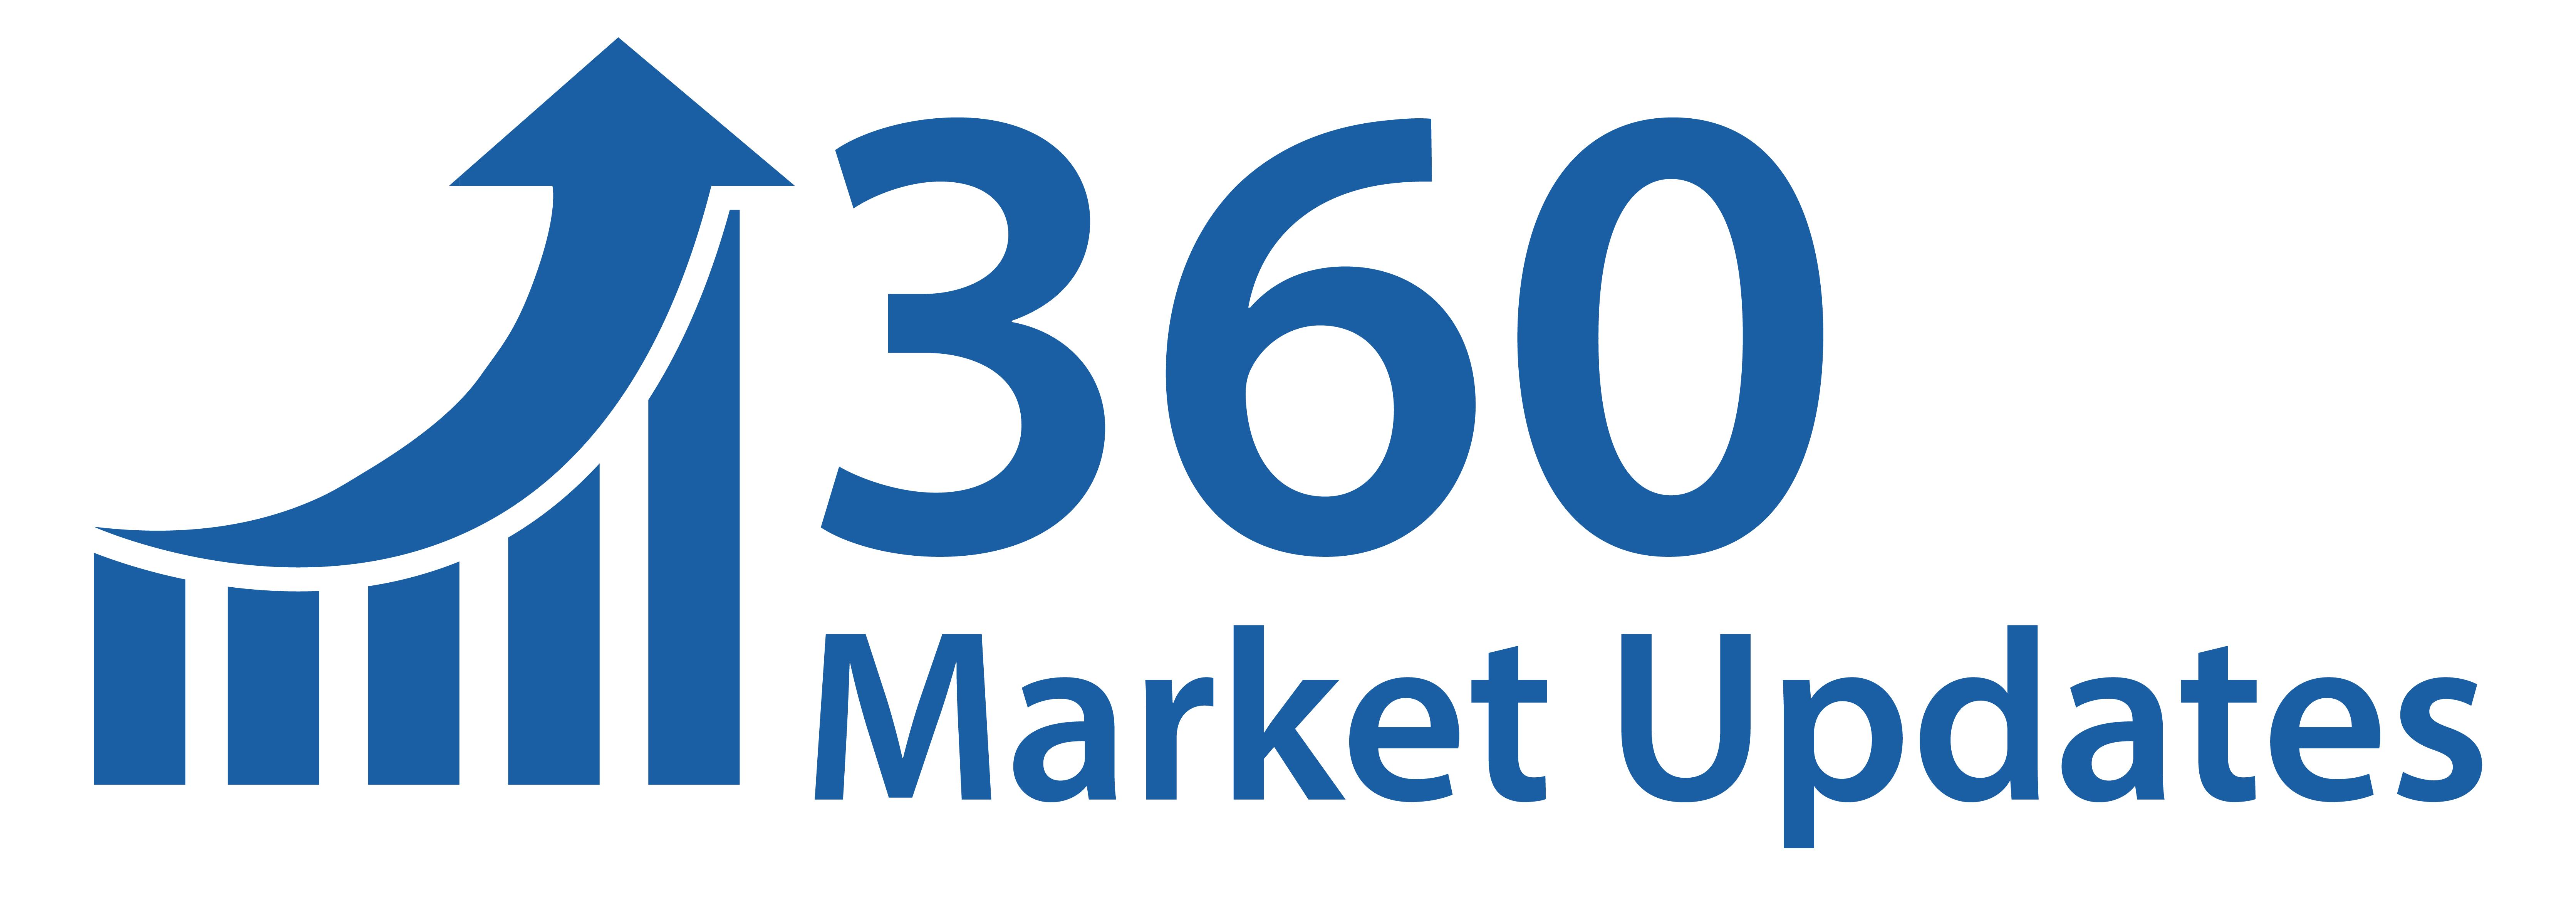 Global Hydrogen Sulfid Scavengers Market Übersicht, Industrie Top Manufactures, Marktgröße, Branchenwachstumsanalyse & Prognose: 2024Globaler Schwefelwasserstoff Scavengers Markt 2020| Weltweite Übersicht nach Branchengröße, Marktanteil, Zukunftstrends, Wachstumsfaktoren und führenden Akteuren Forschungsbericht Analyse von 360 Marktaktualisierungen